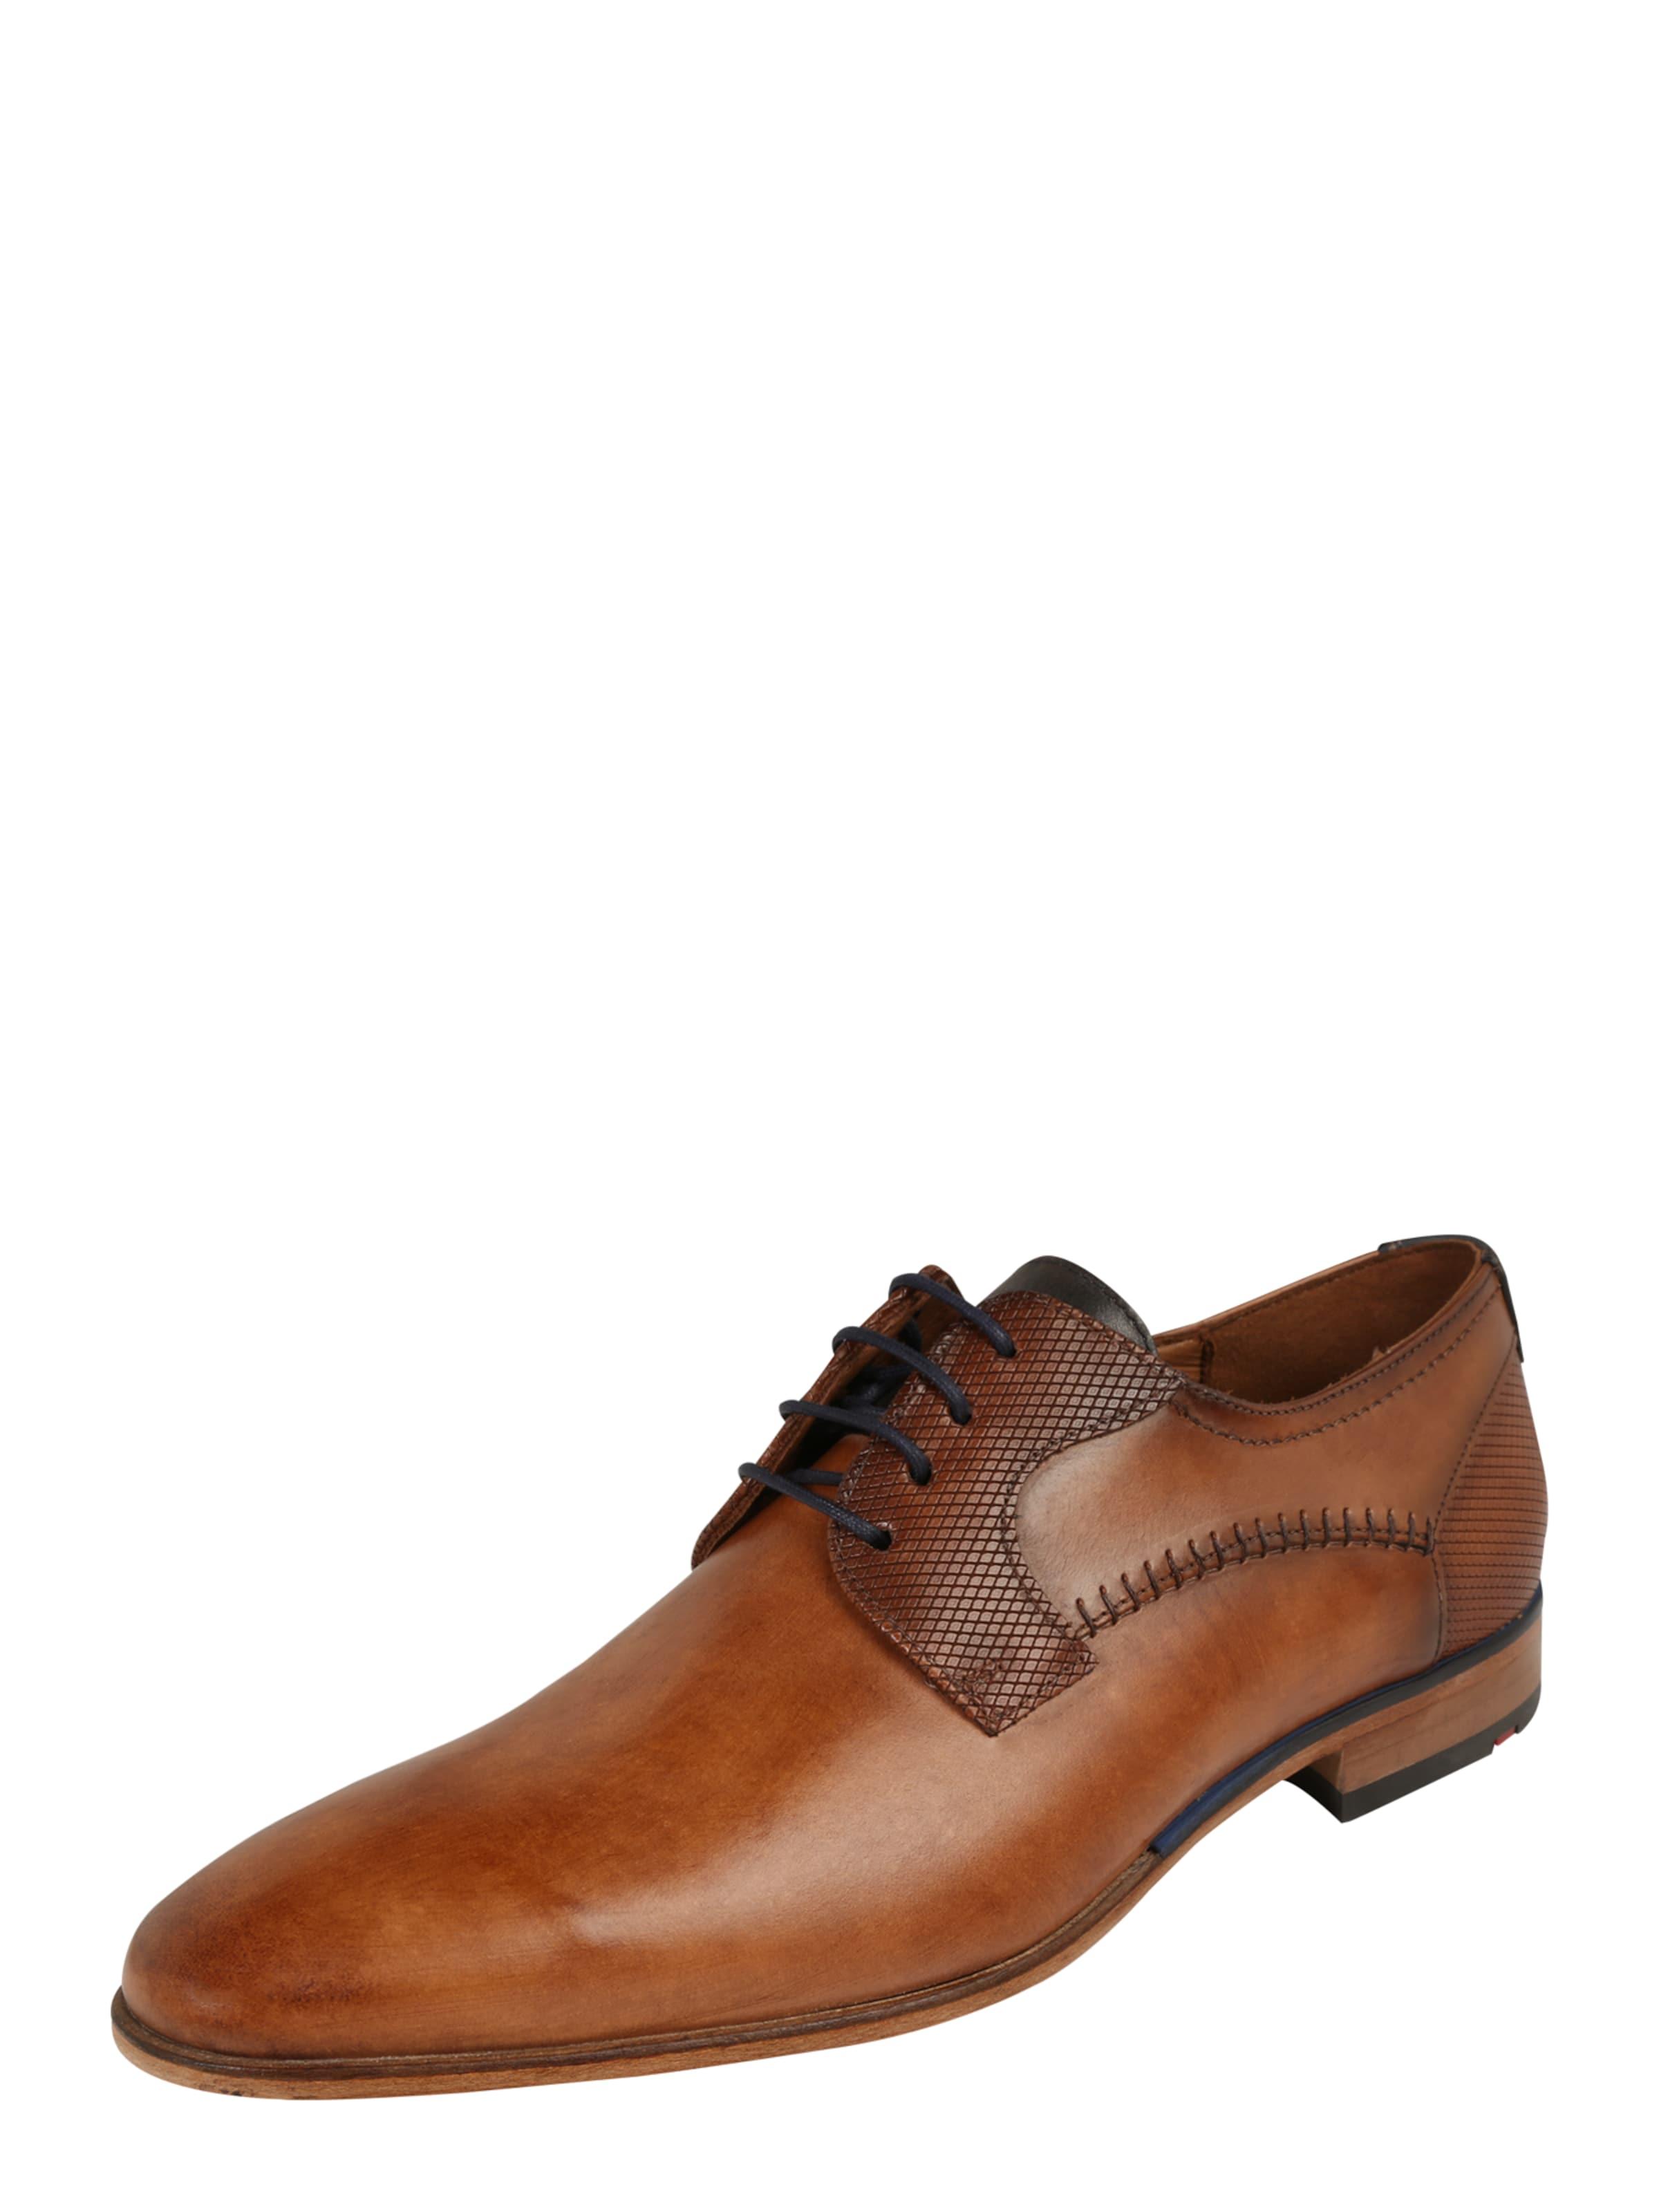 LLOYD Schnürschuhe HEATH Verschleißfeste billige Schuhe